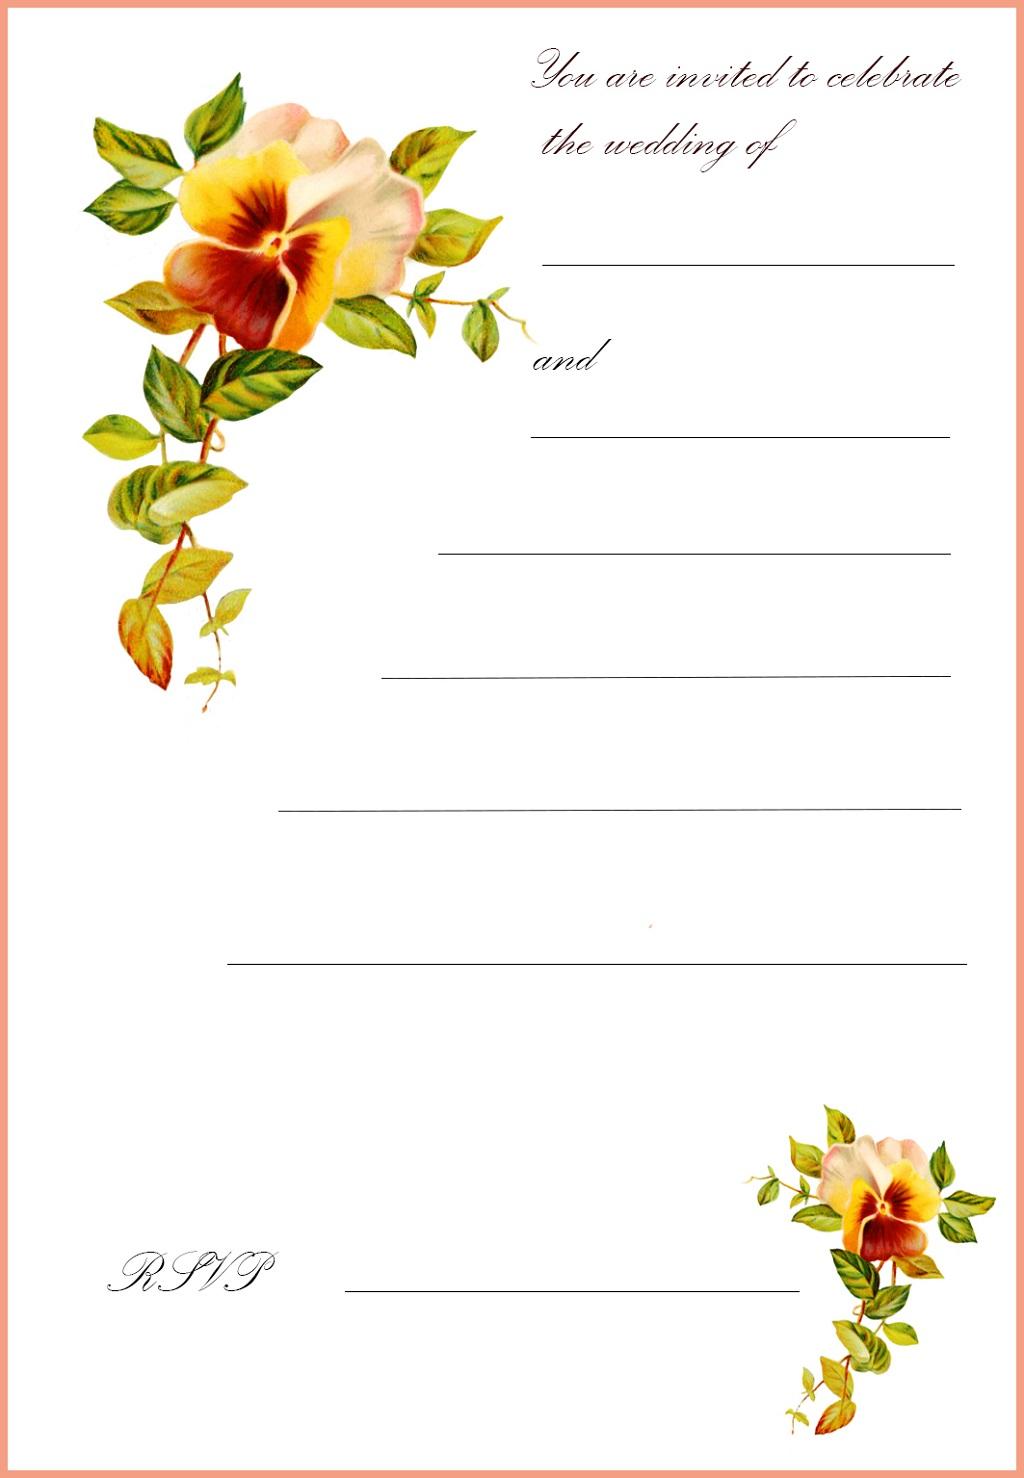 Лист для поздравления с днем рождения распечатать, про влюбленных приколами